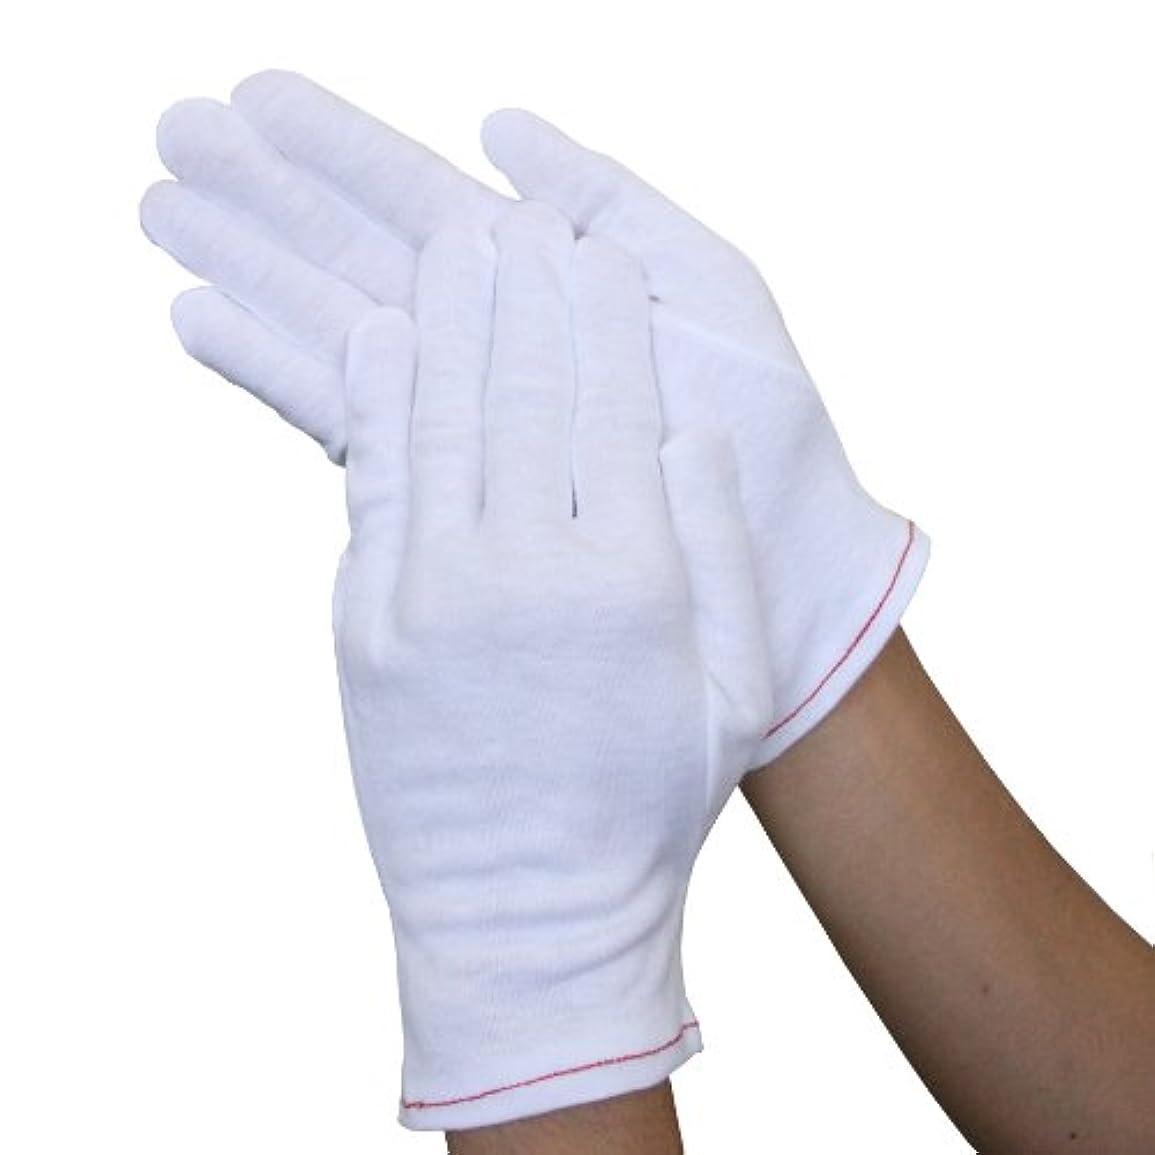 ウインセス 【心地よい肌触り/おやすみ手袋】 綿100%手袋 (2双) (LL)